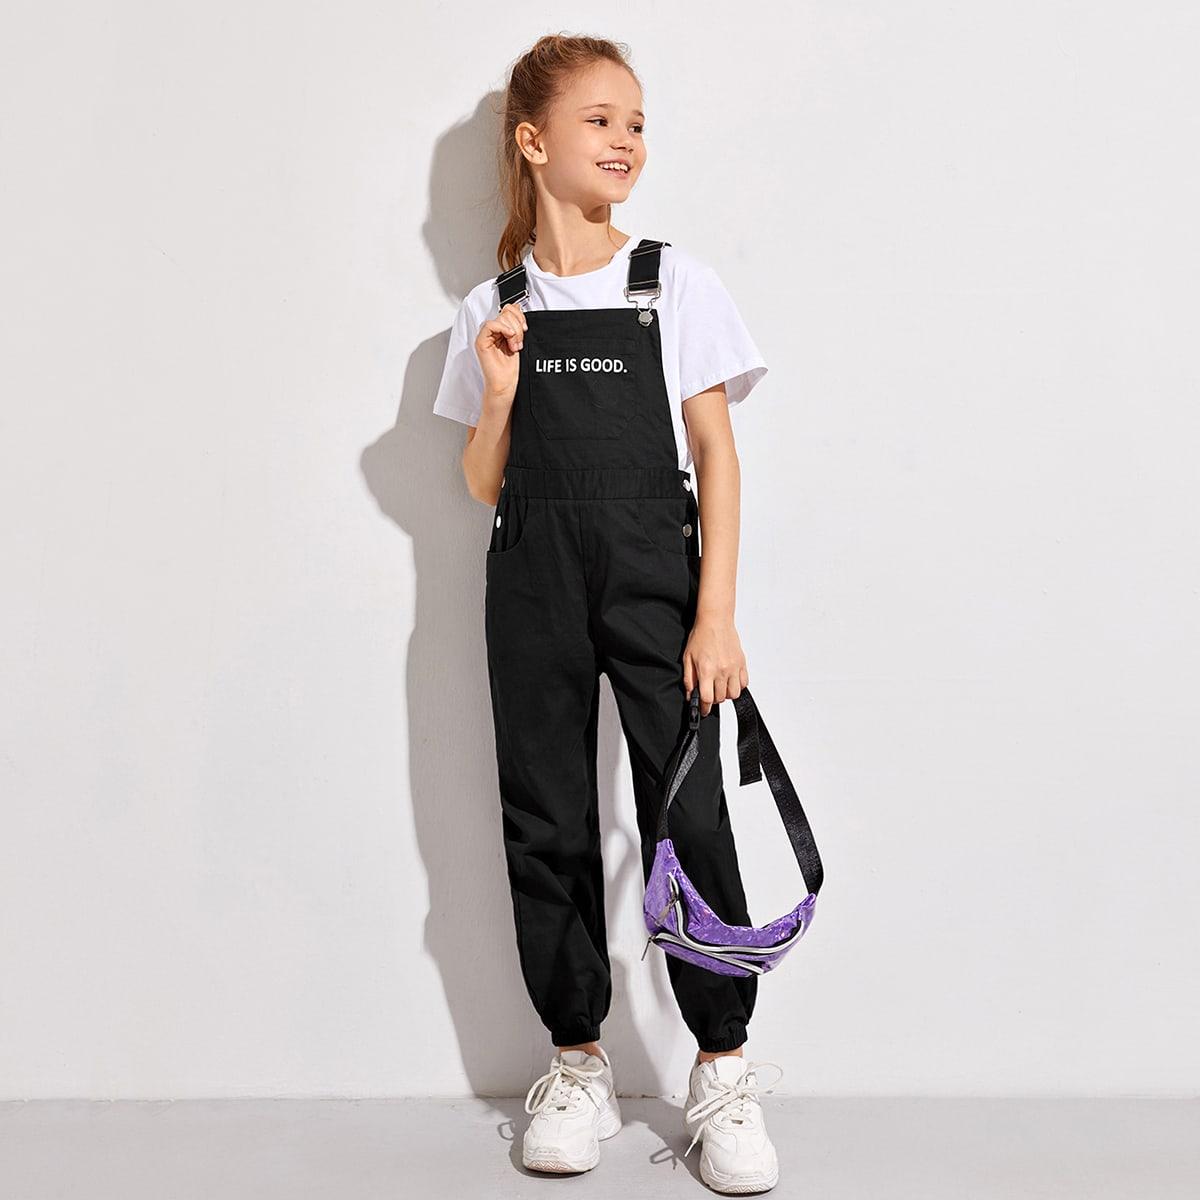 Комбинезон с карманом и текстовым принтом для девочек от SHEIN